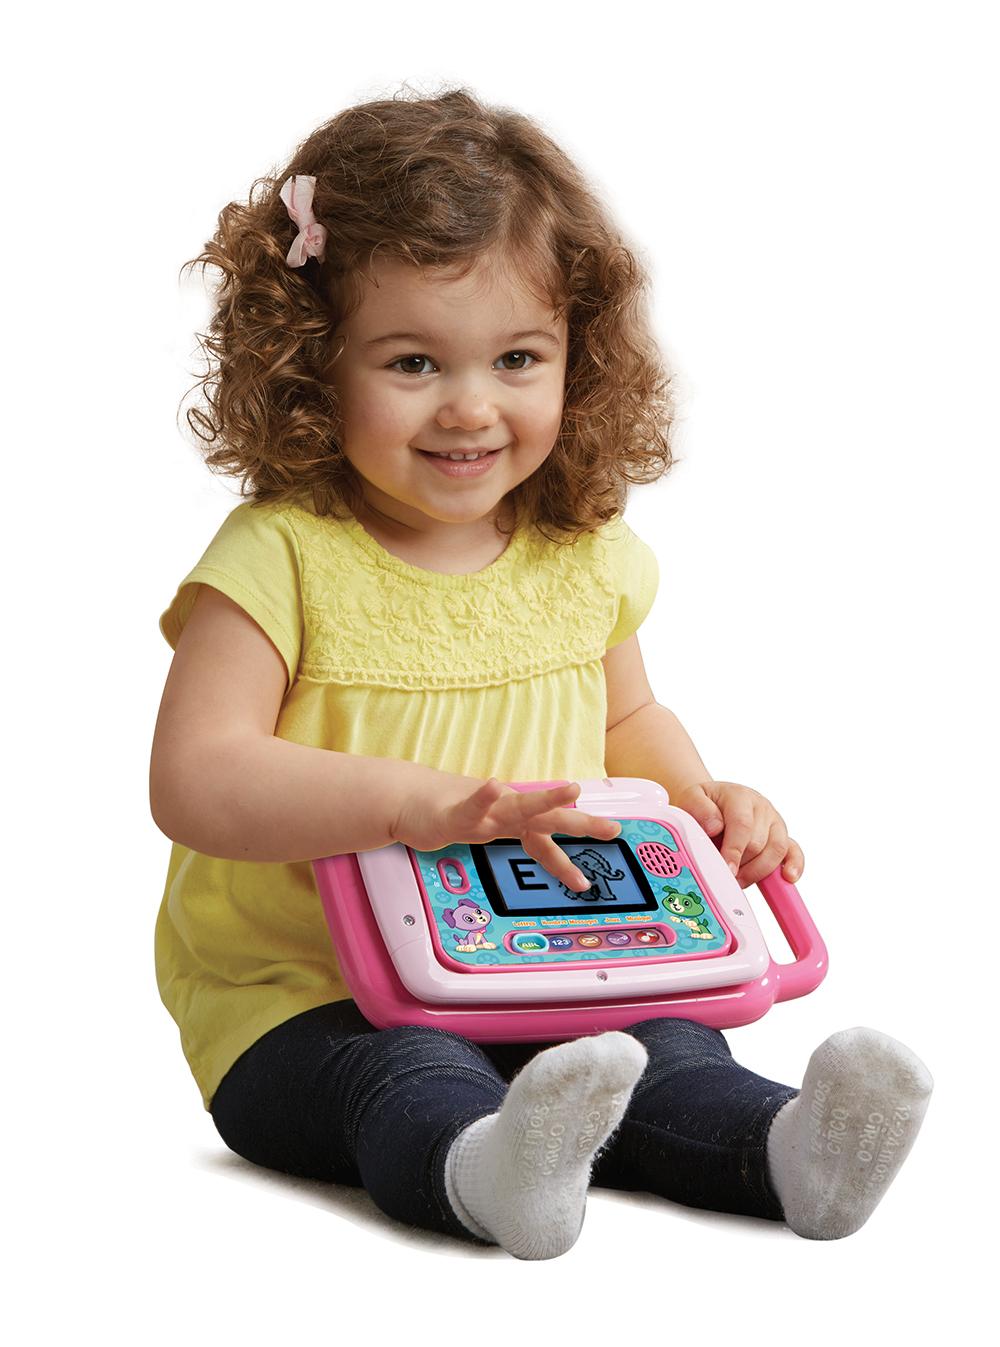 LeapFrog - Ordi-tablette p'tit genius touch rose - Version française